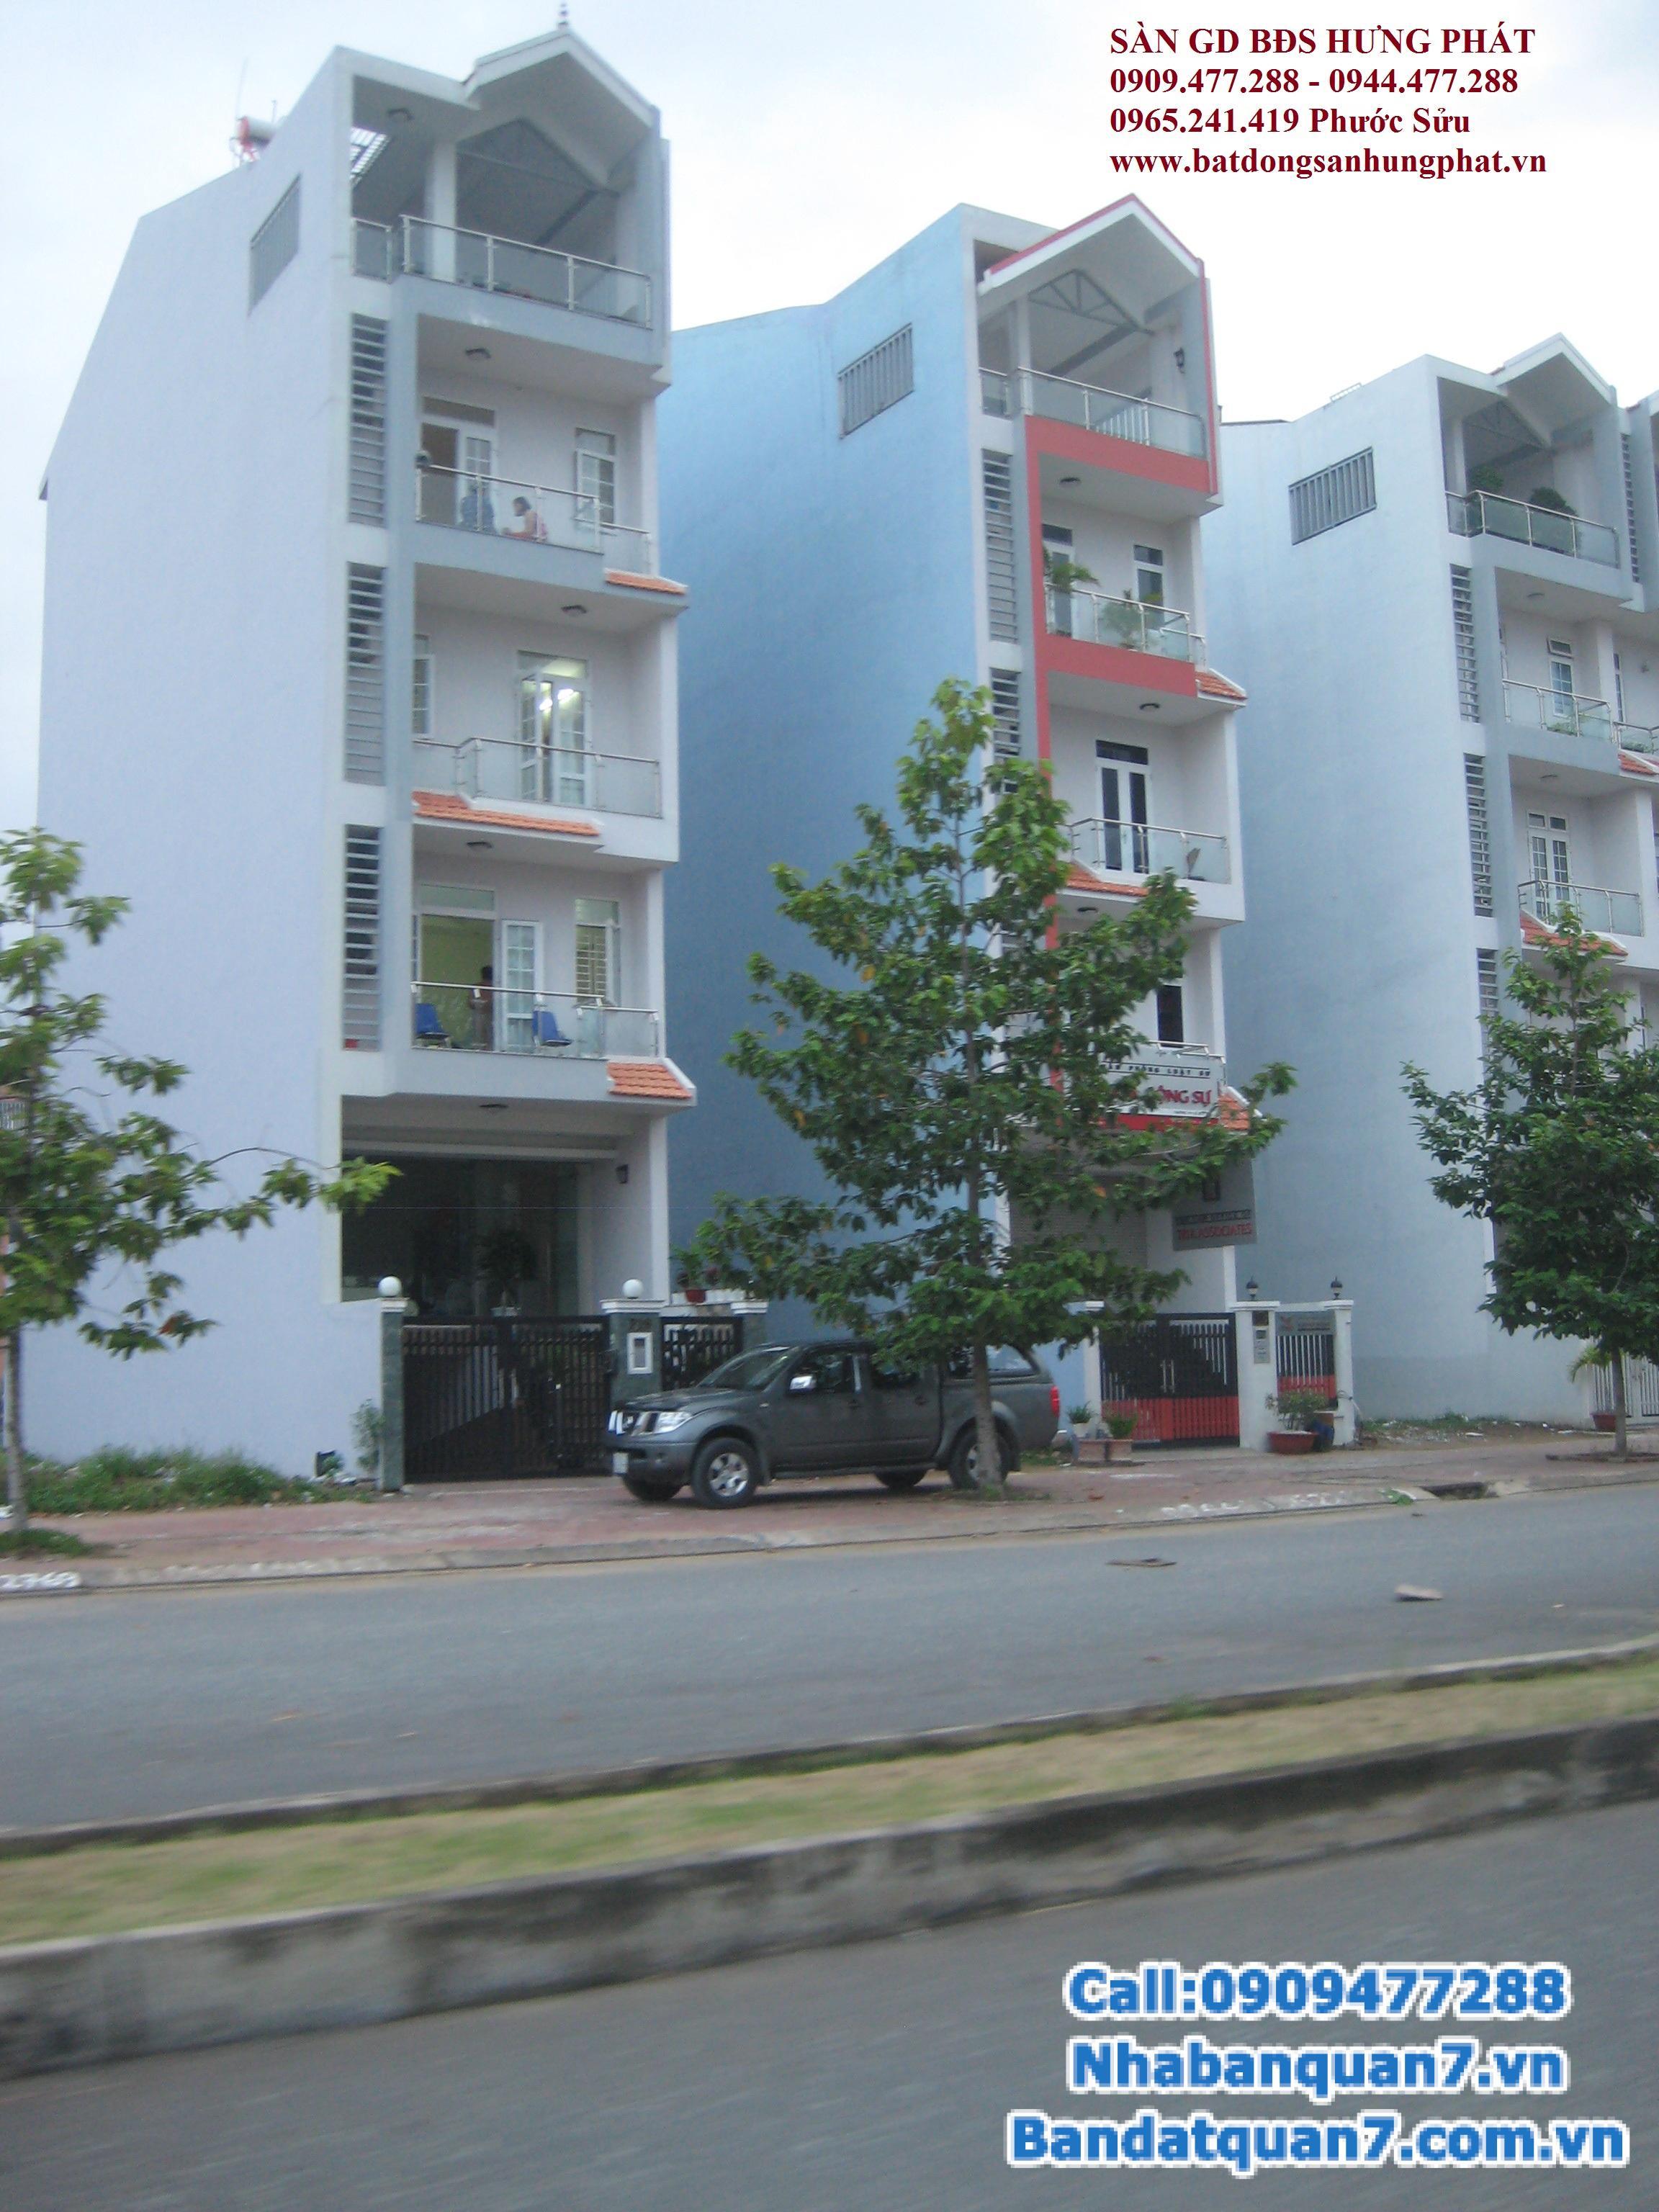 Cần bán đất khu tái định cư Him Lam quận 7, lô G